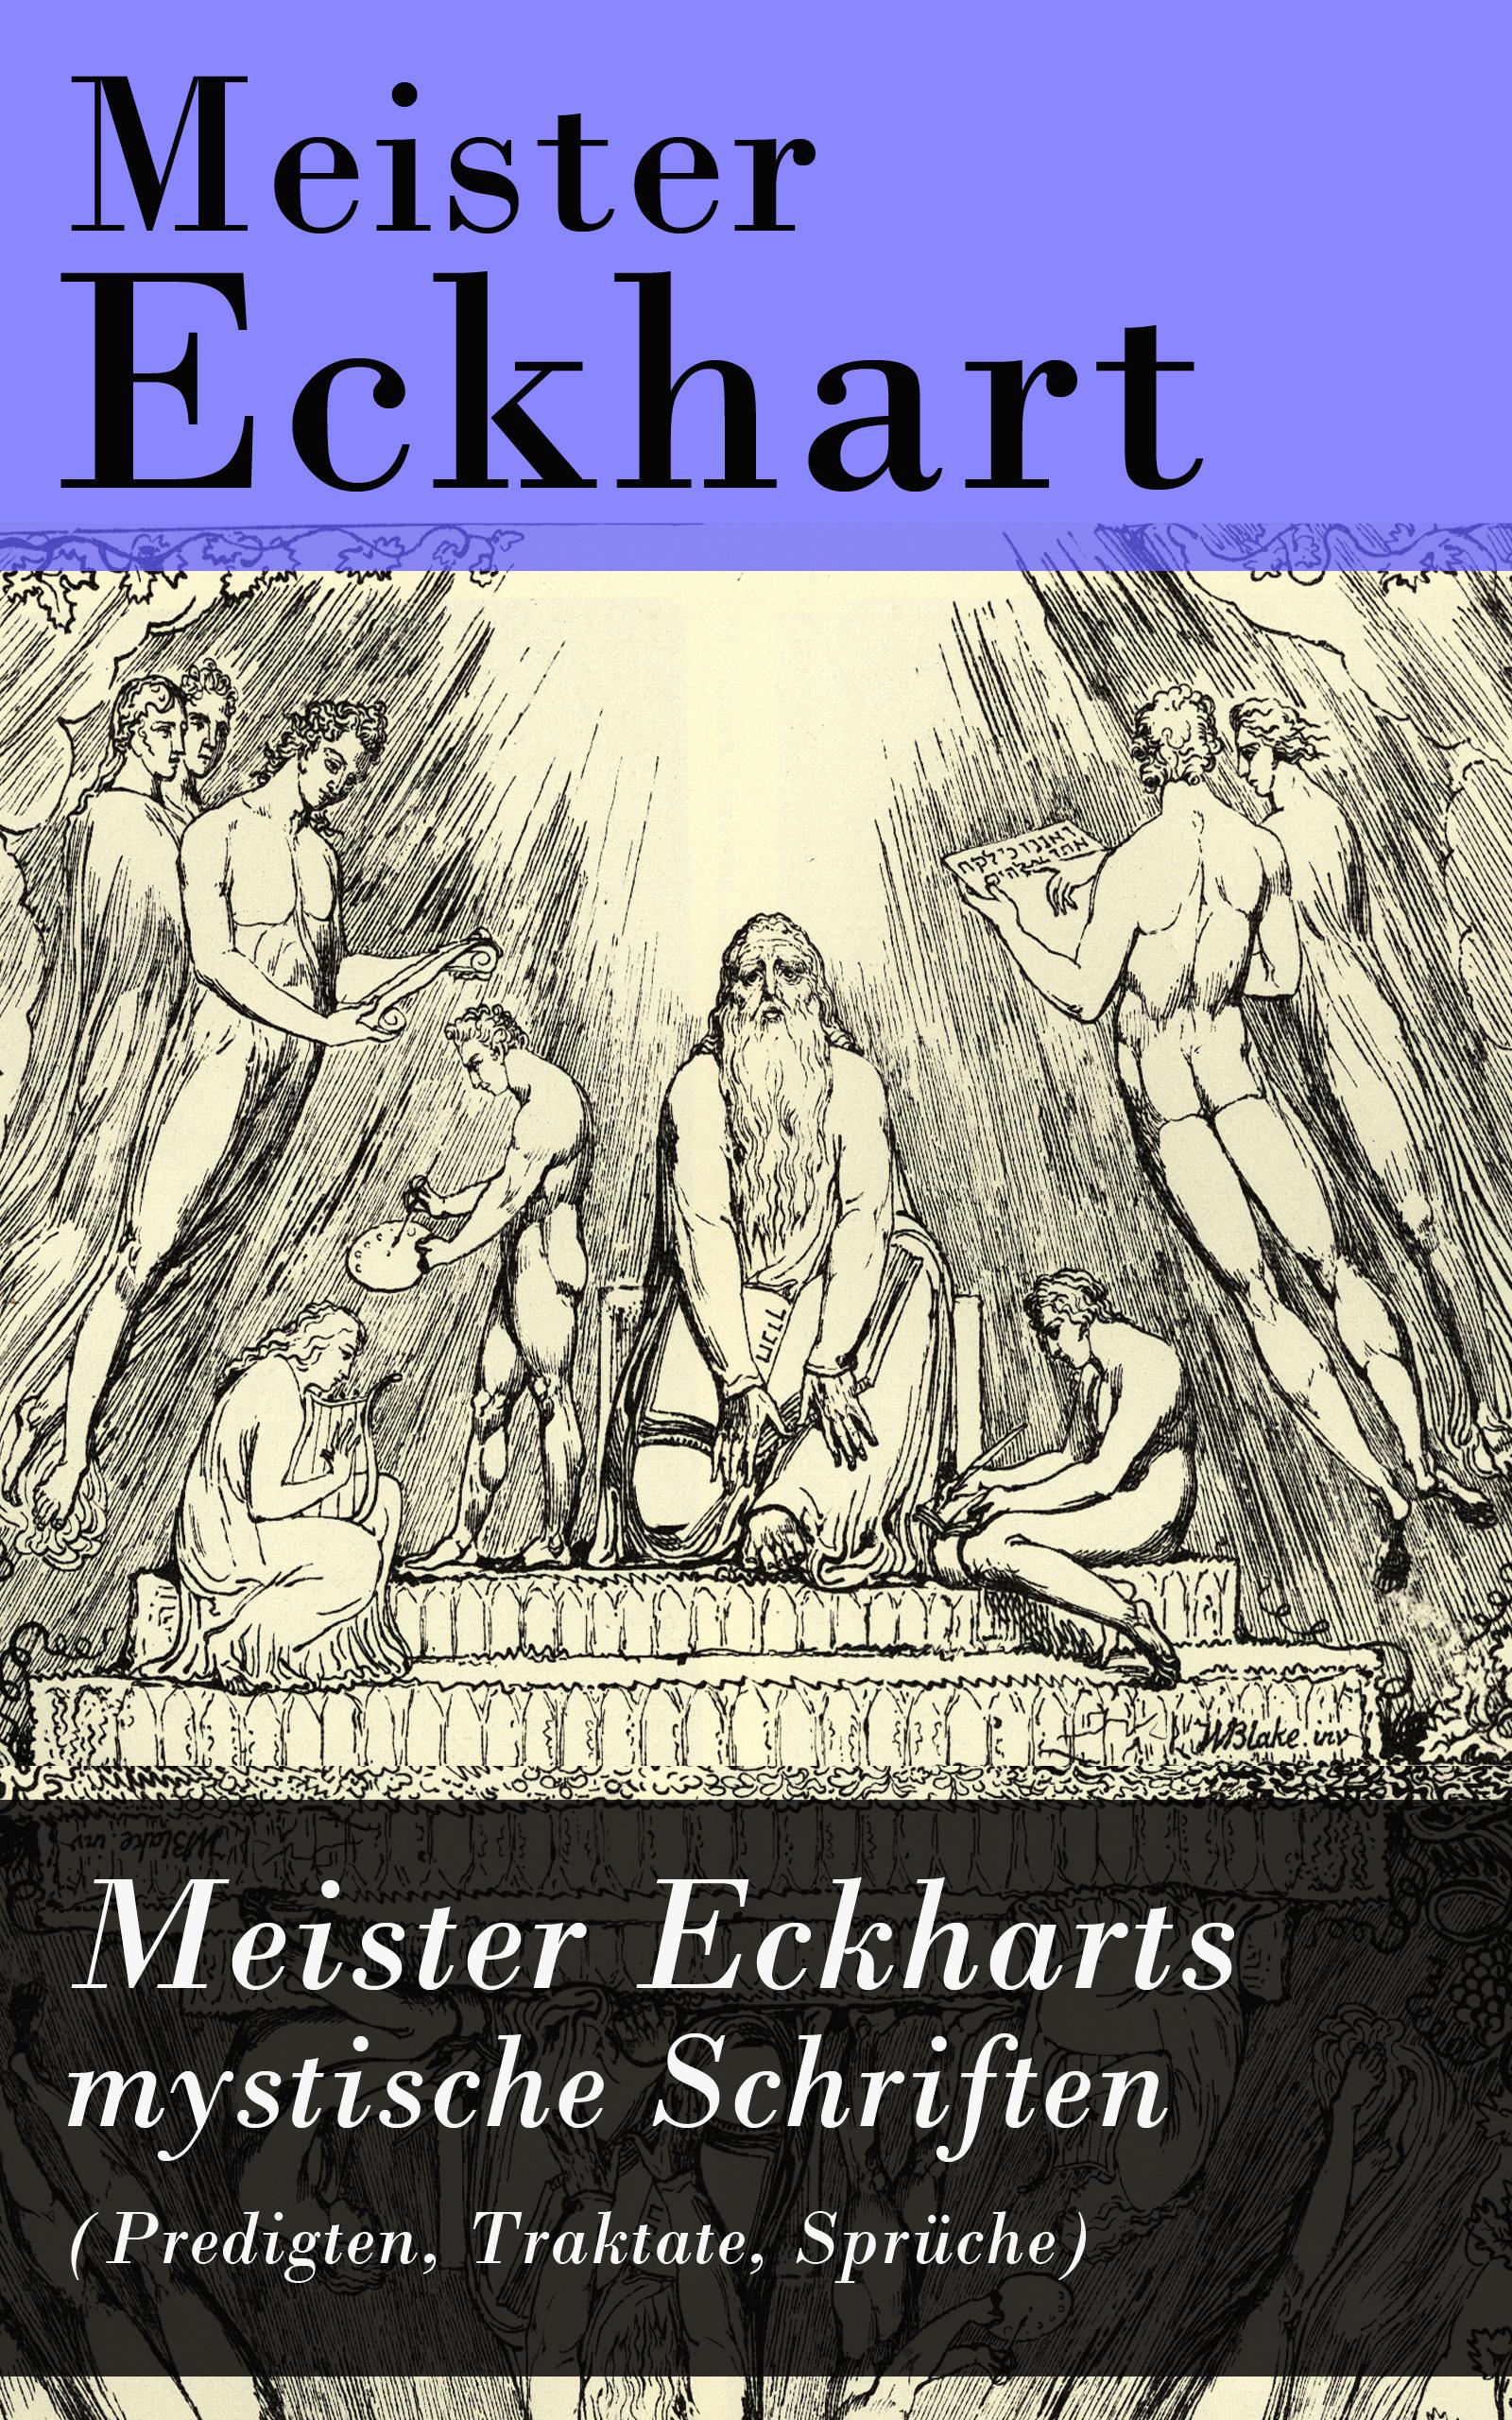 Meister Eckhart Meister Eckharts mystische Schriften (Predigten, Traktate, Sprüche) meister romy praferenzunterschiede im radverkehr